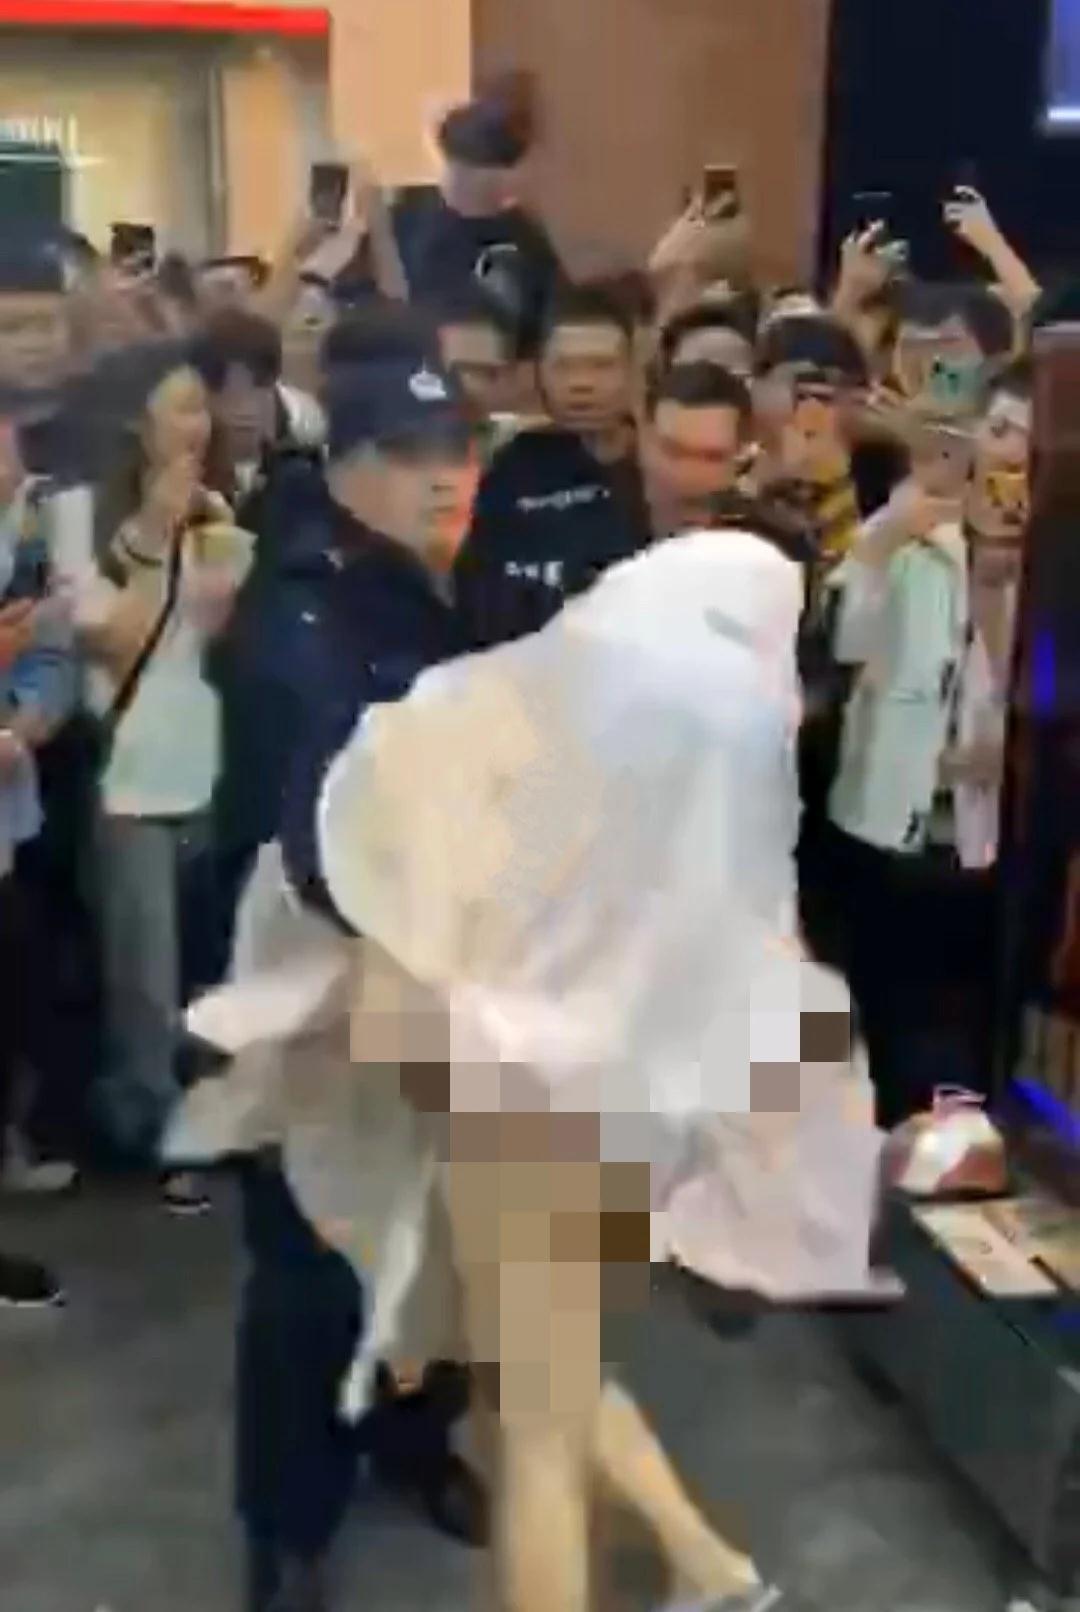 苏州观前街一女子当众裸舞,引众人围观拍照!